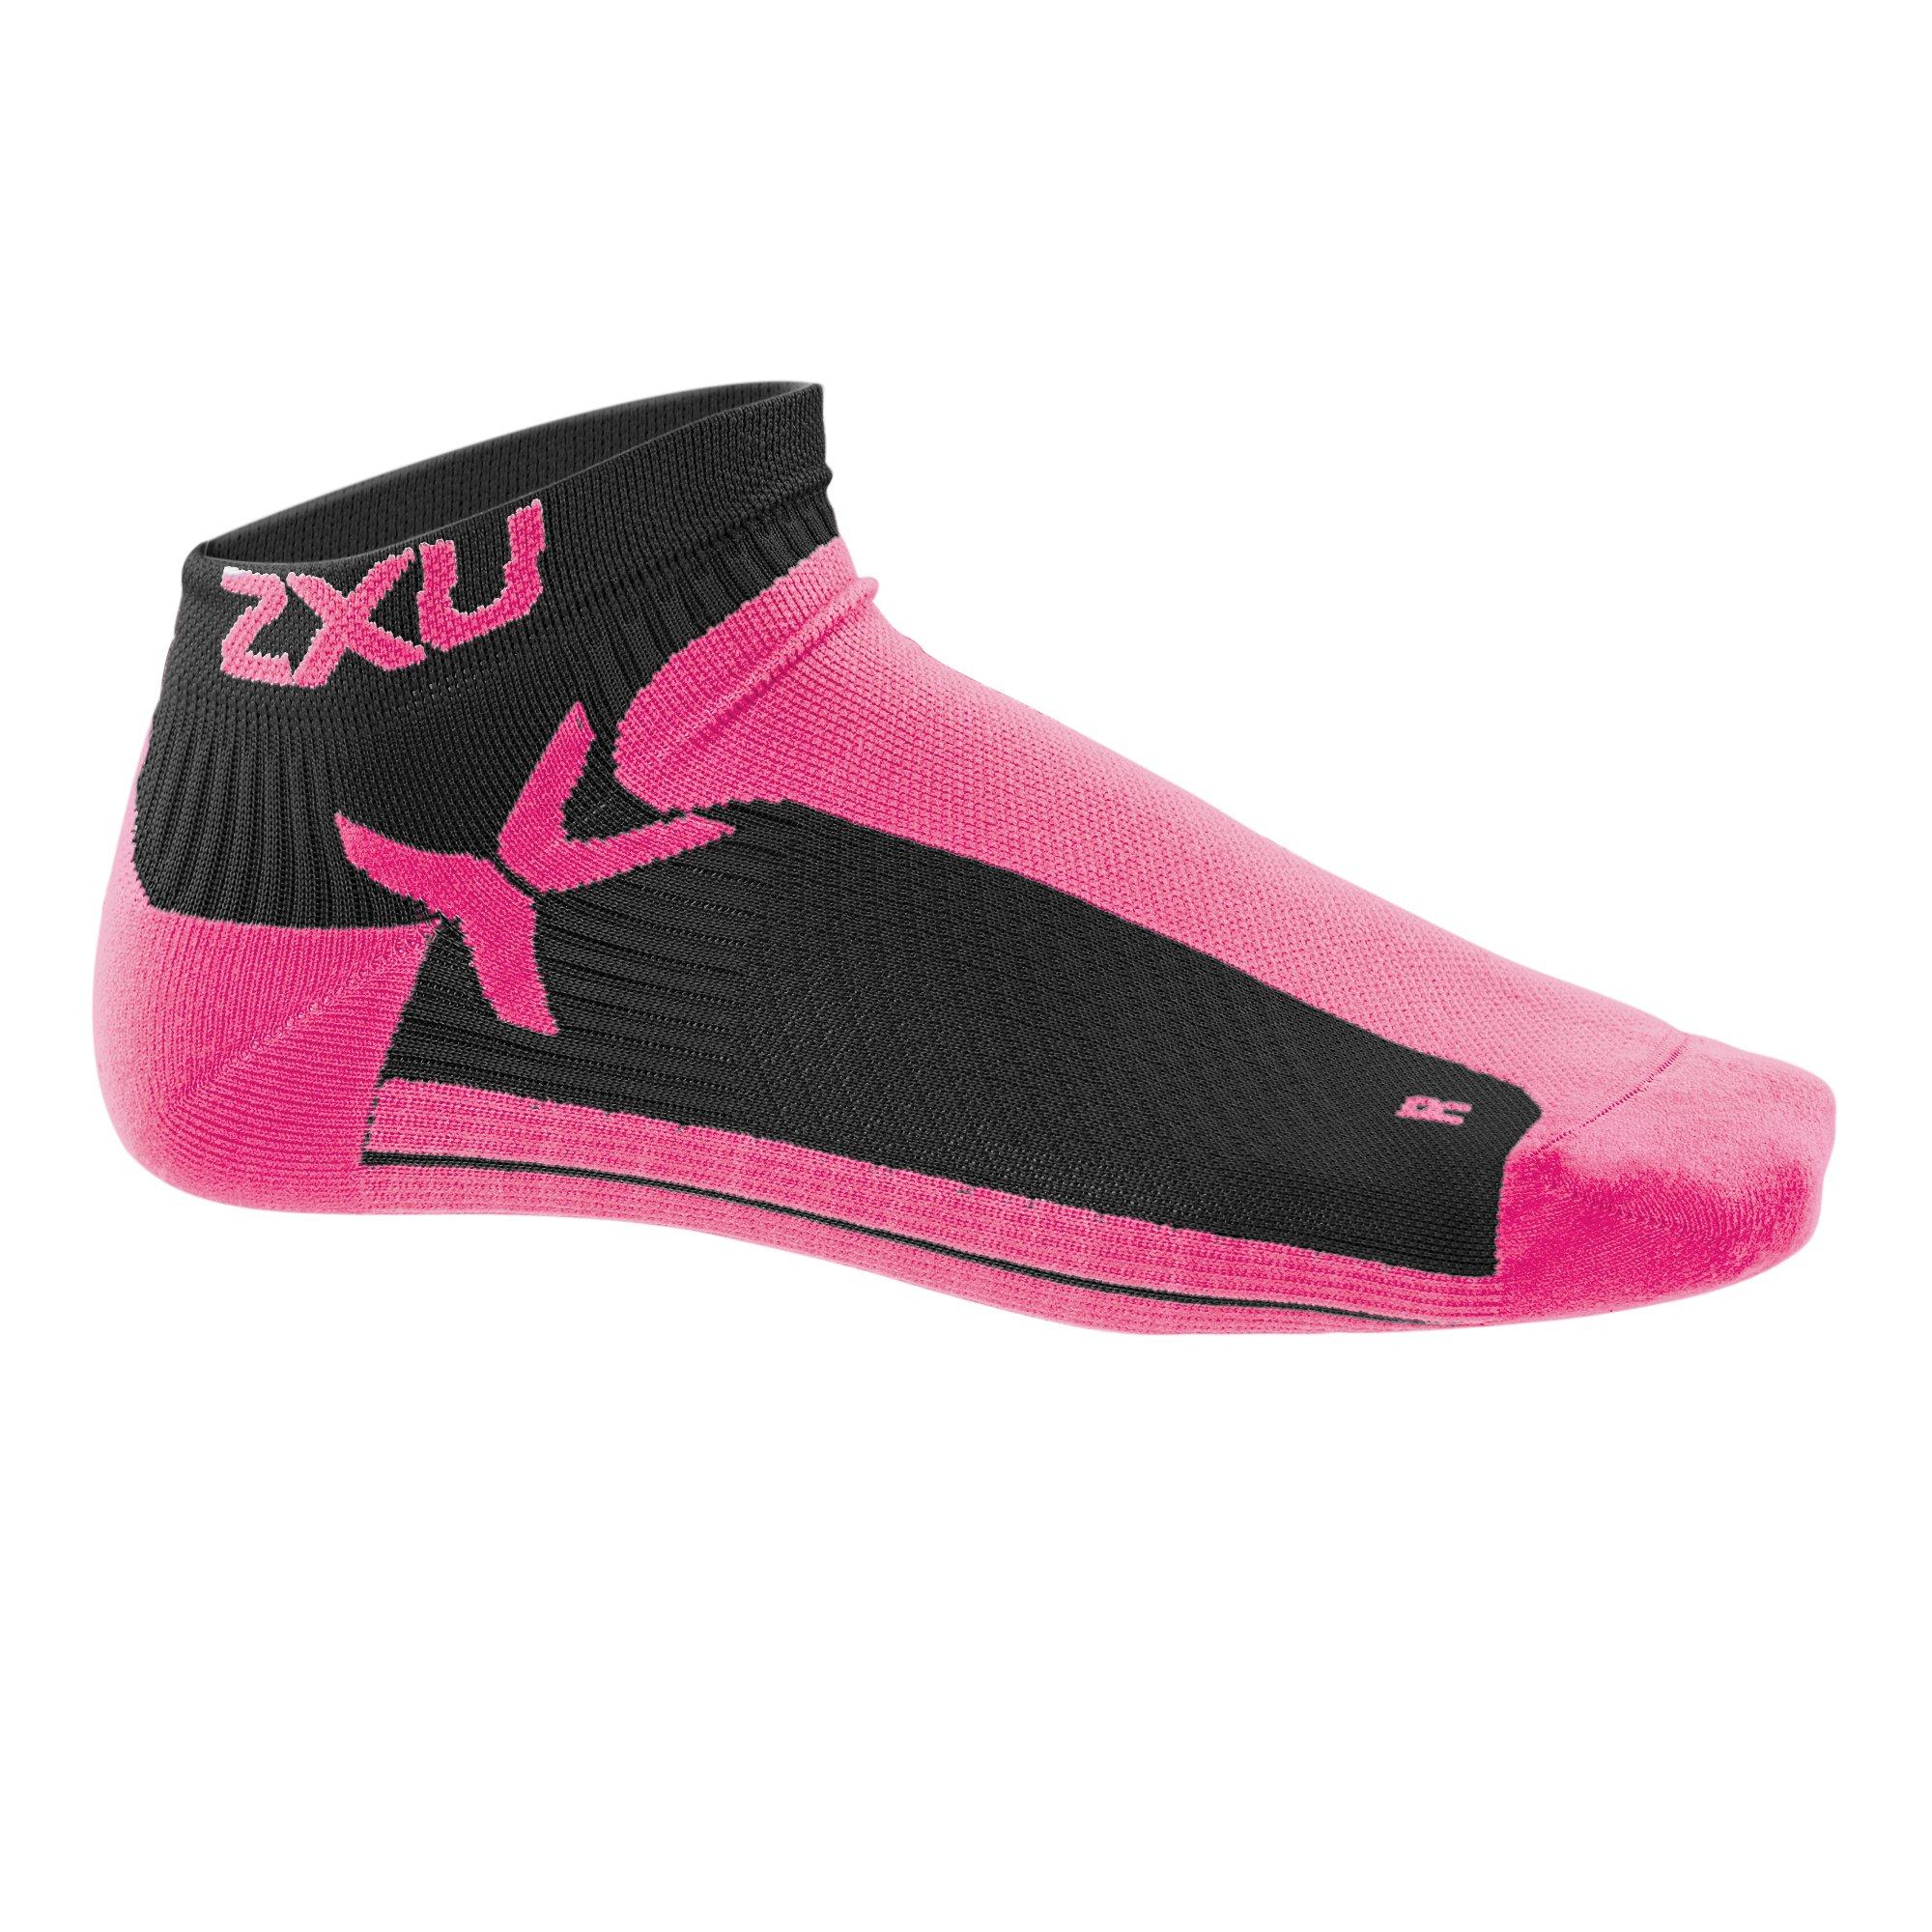 2XU Men's Performance Low Rise Socks, Black/Cerise